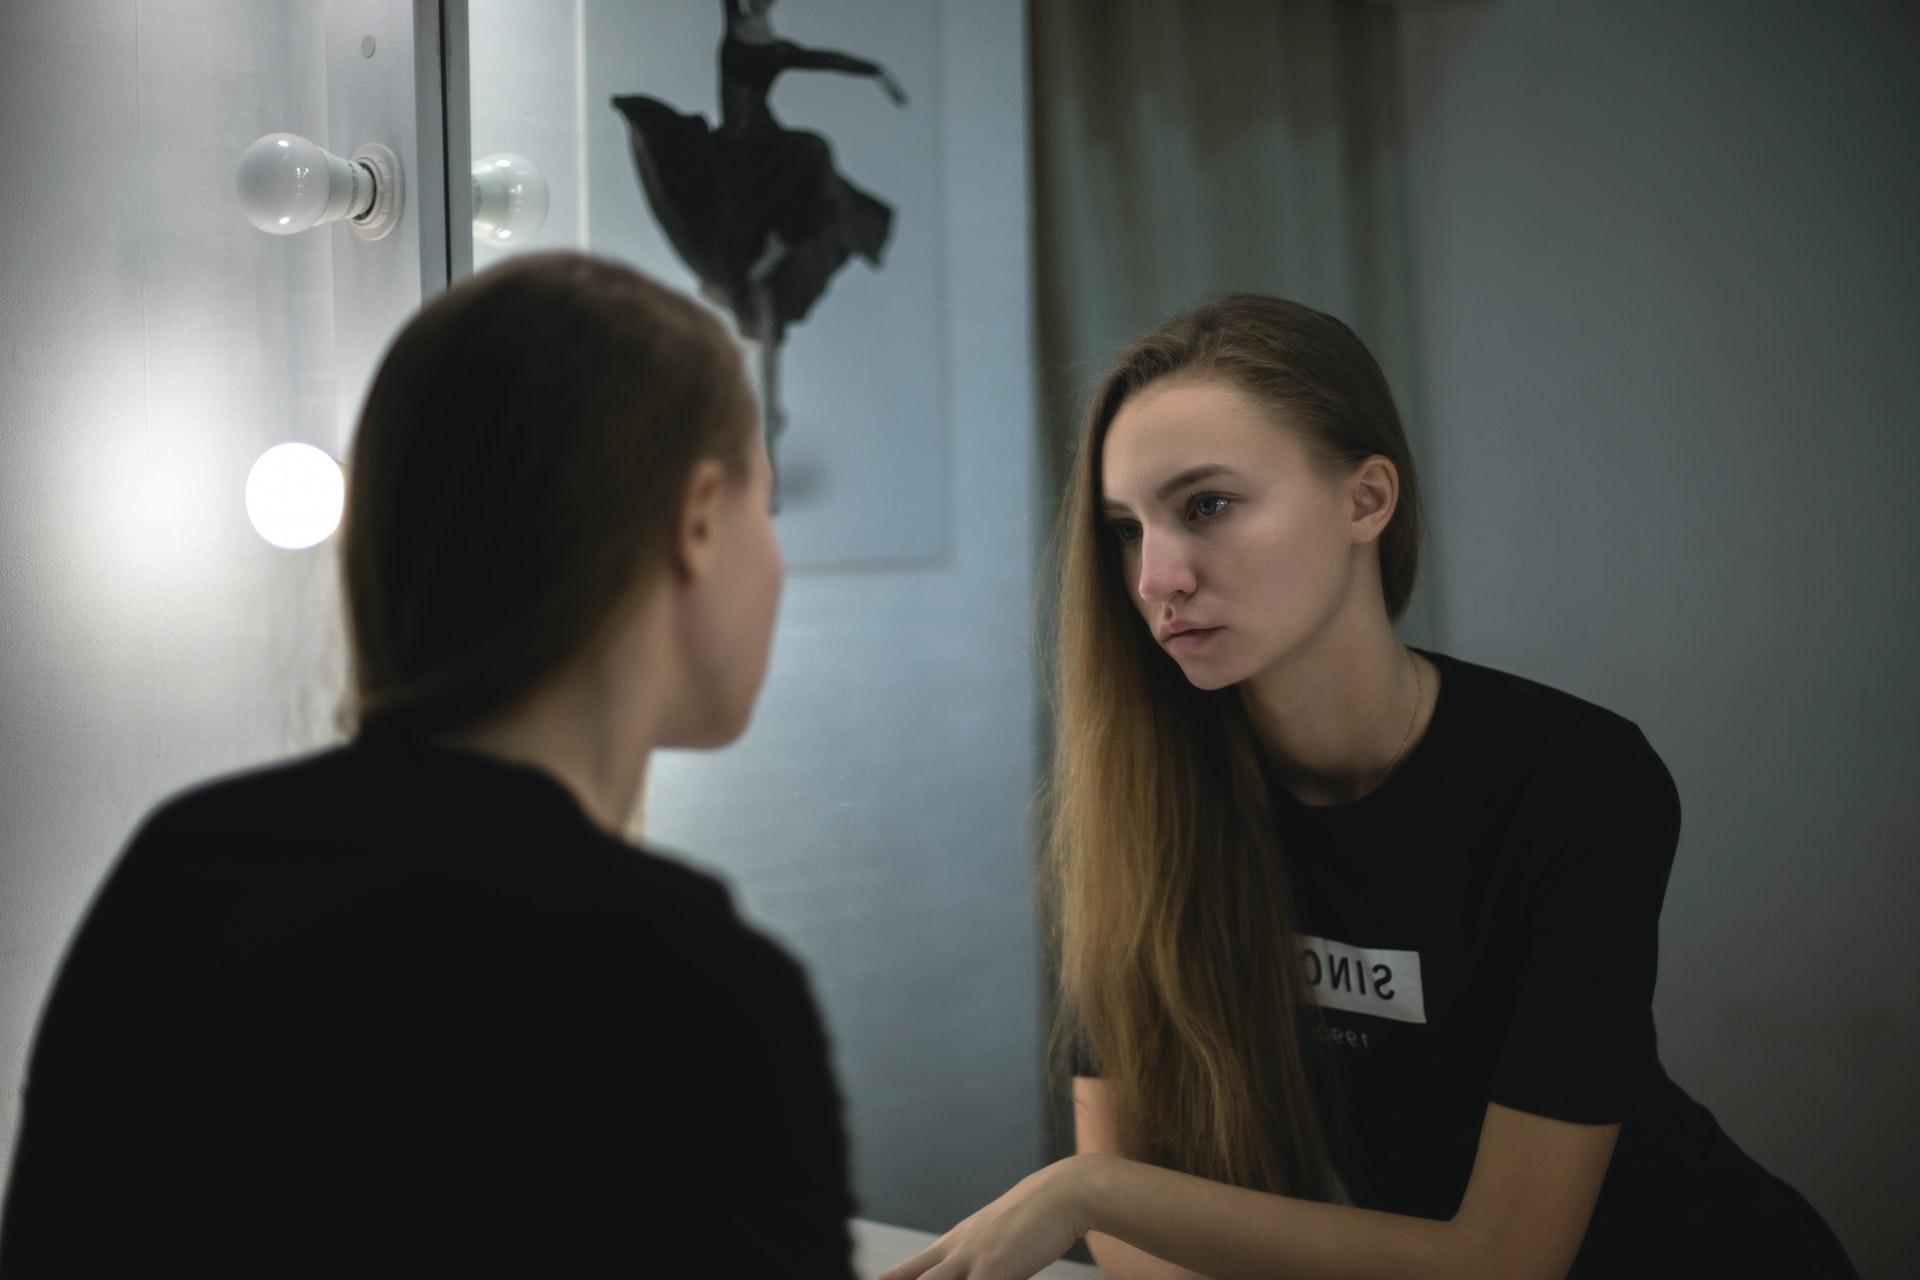 ragazza si guarda allo specchio